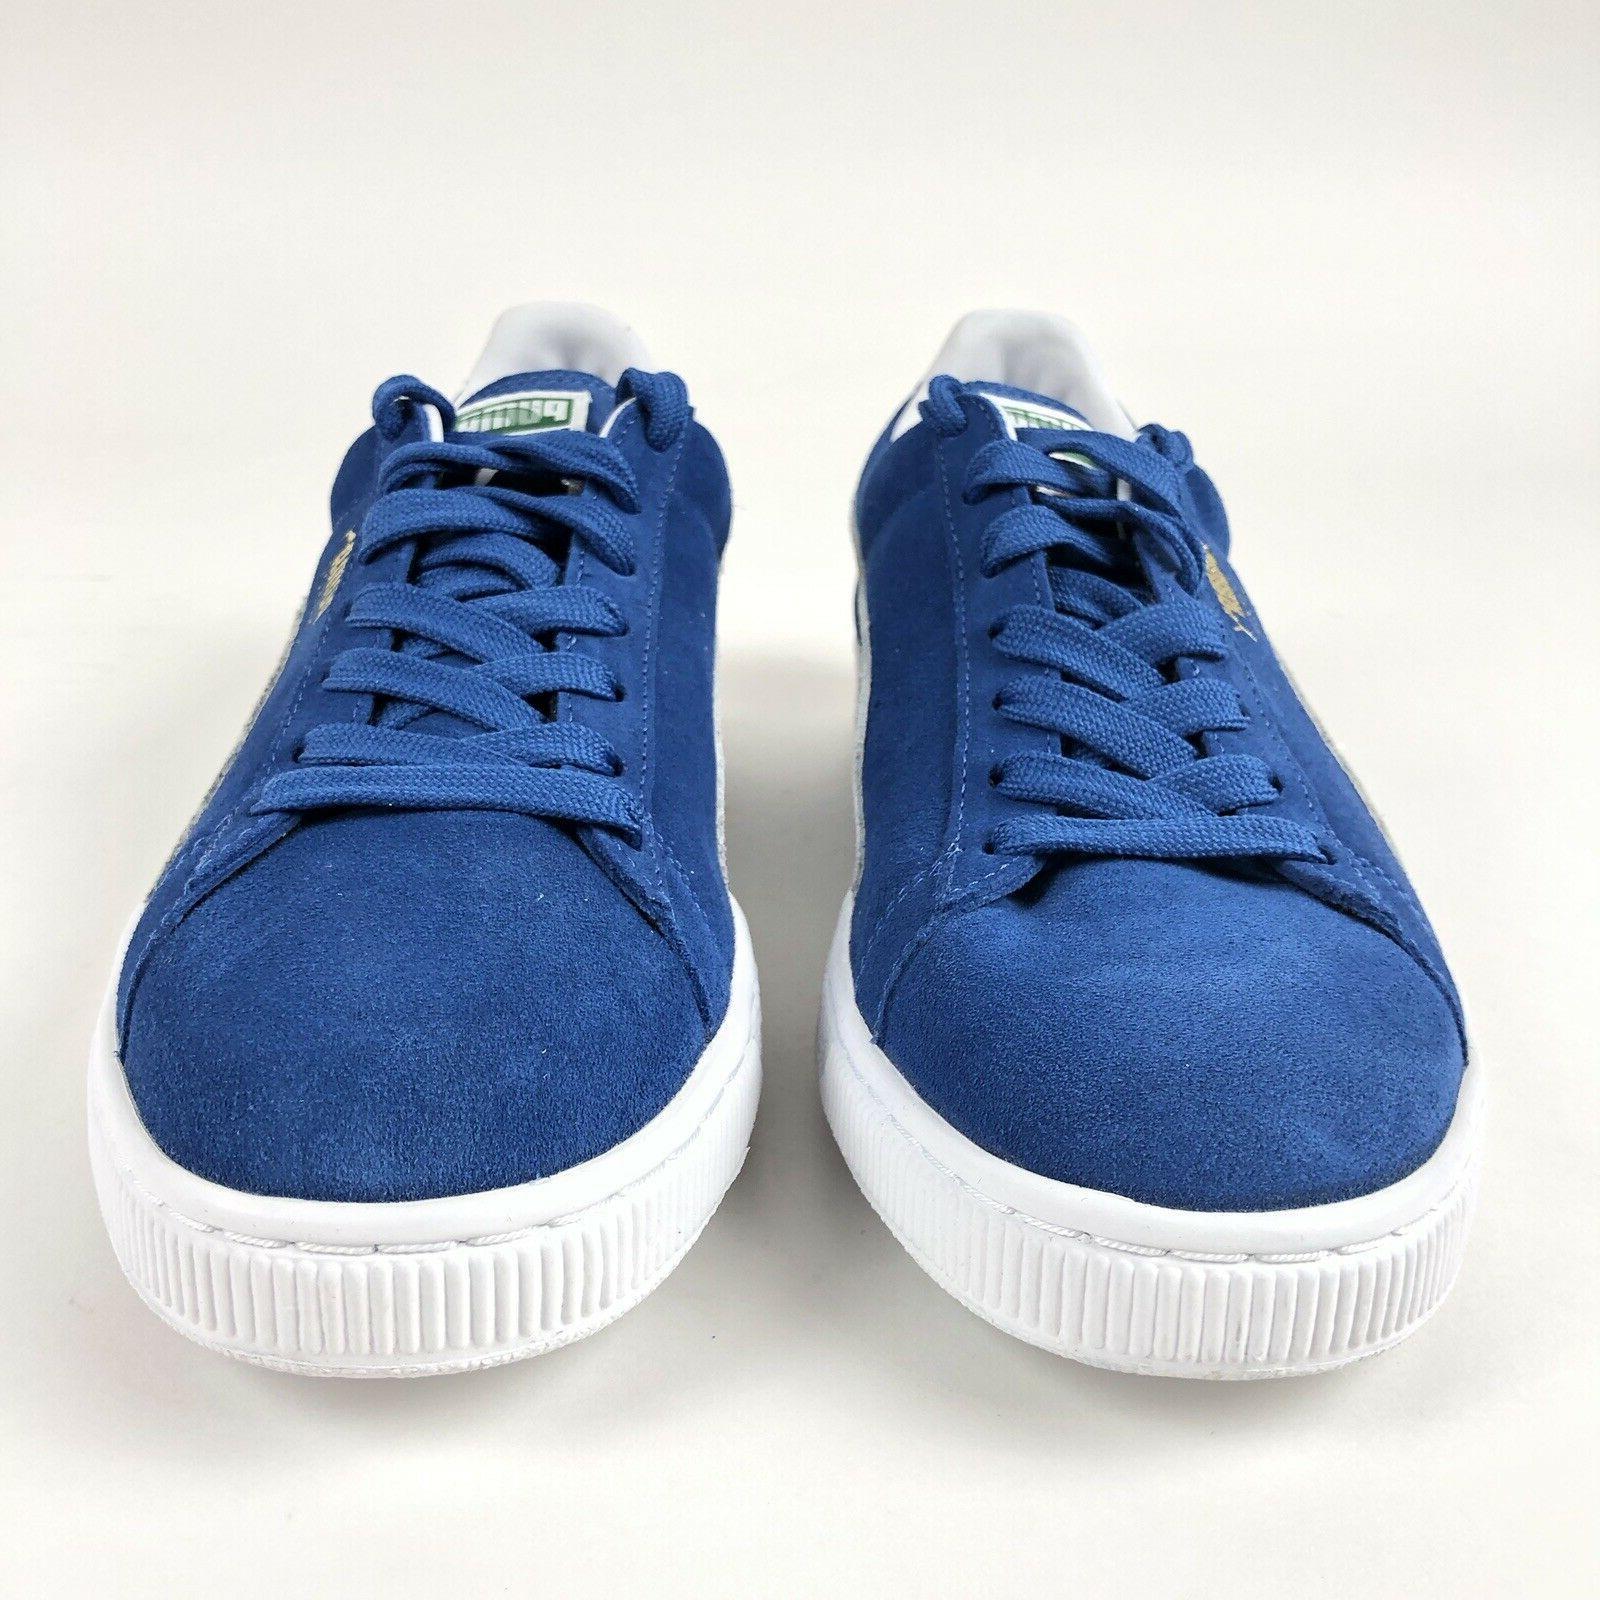 Puma Classic Blue Low Tennis Shoes Size 12 Shoes